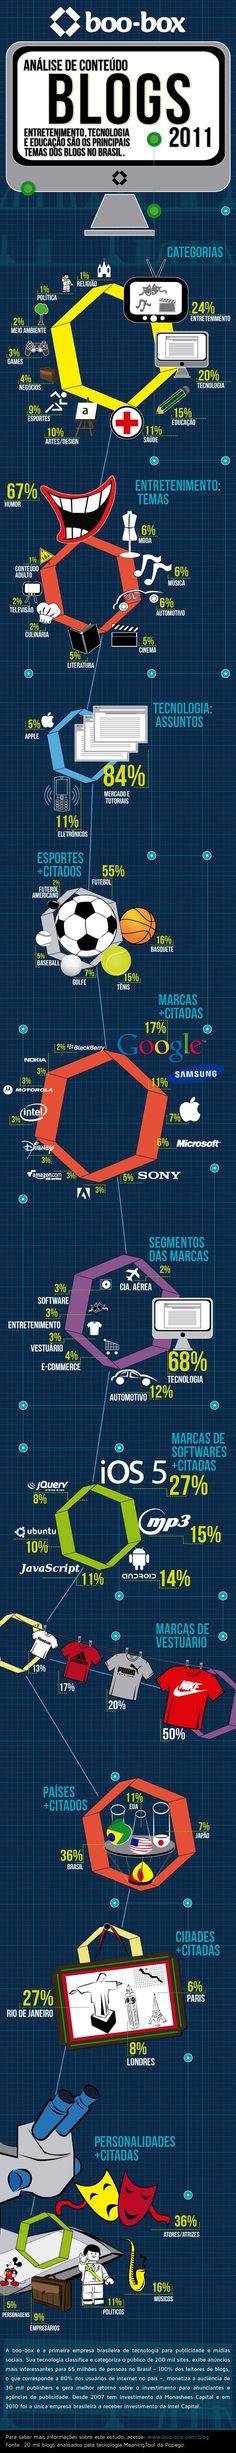 Um infográfico revelador sobre o conteúdo dos blogs no Brasil.